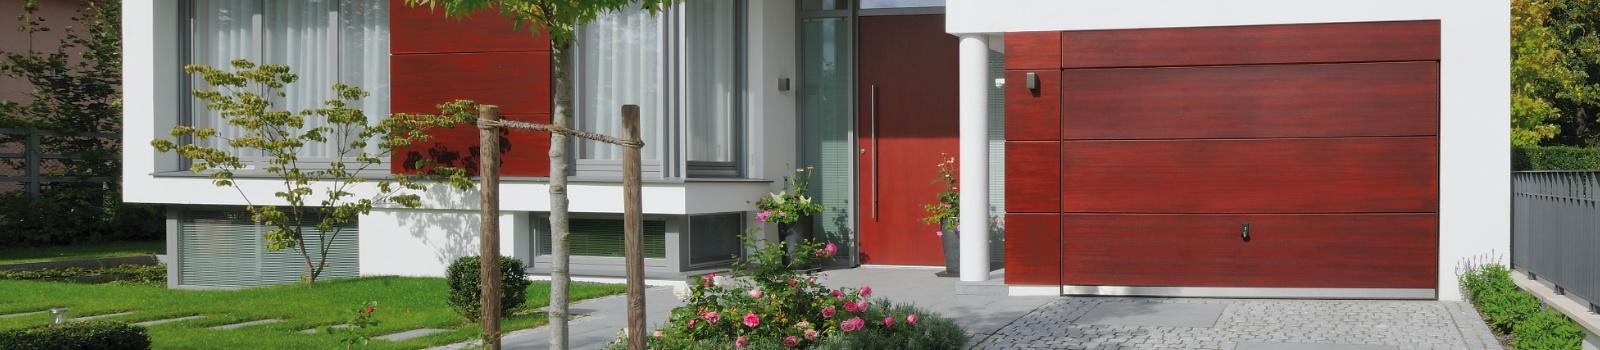 Options spécifiques aux portes de garage basculantes